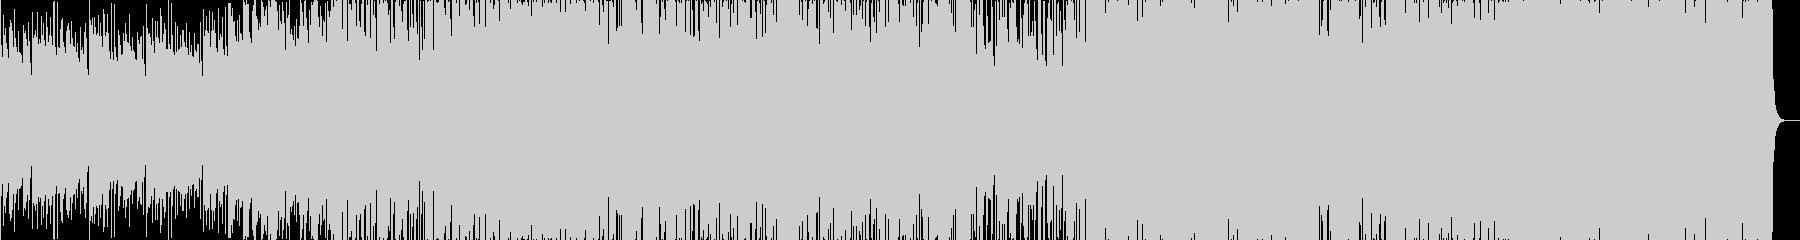 グルーヴとピアノ。パルスリズム。の未再生の波形